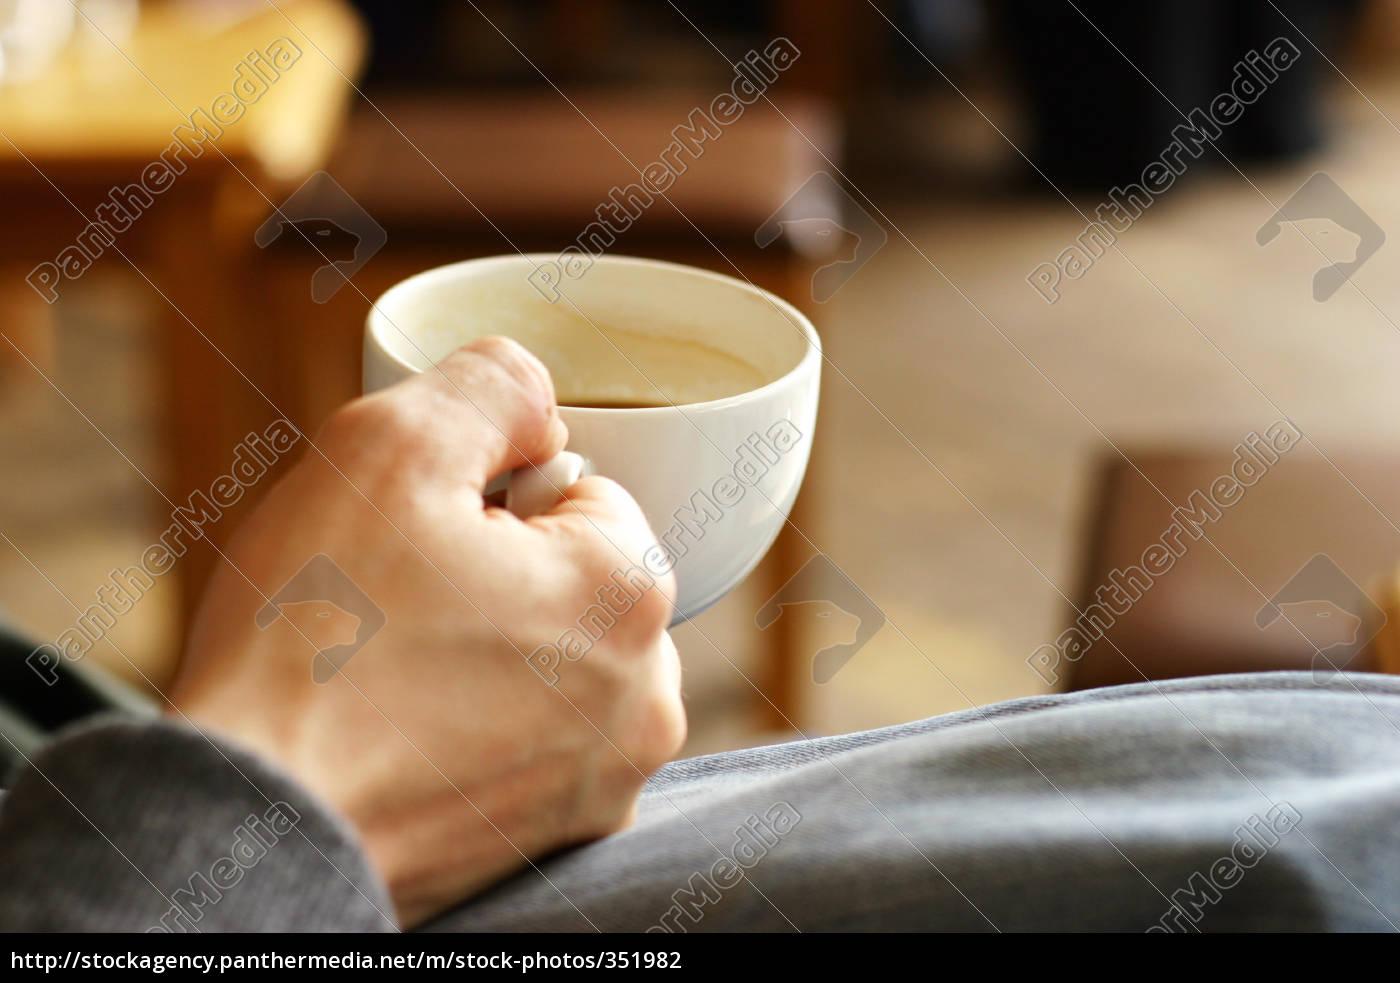 coffe, break - 351982